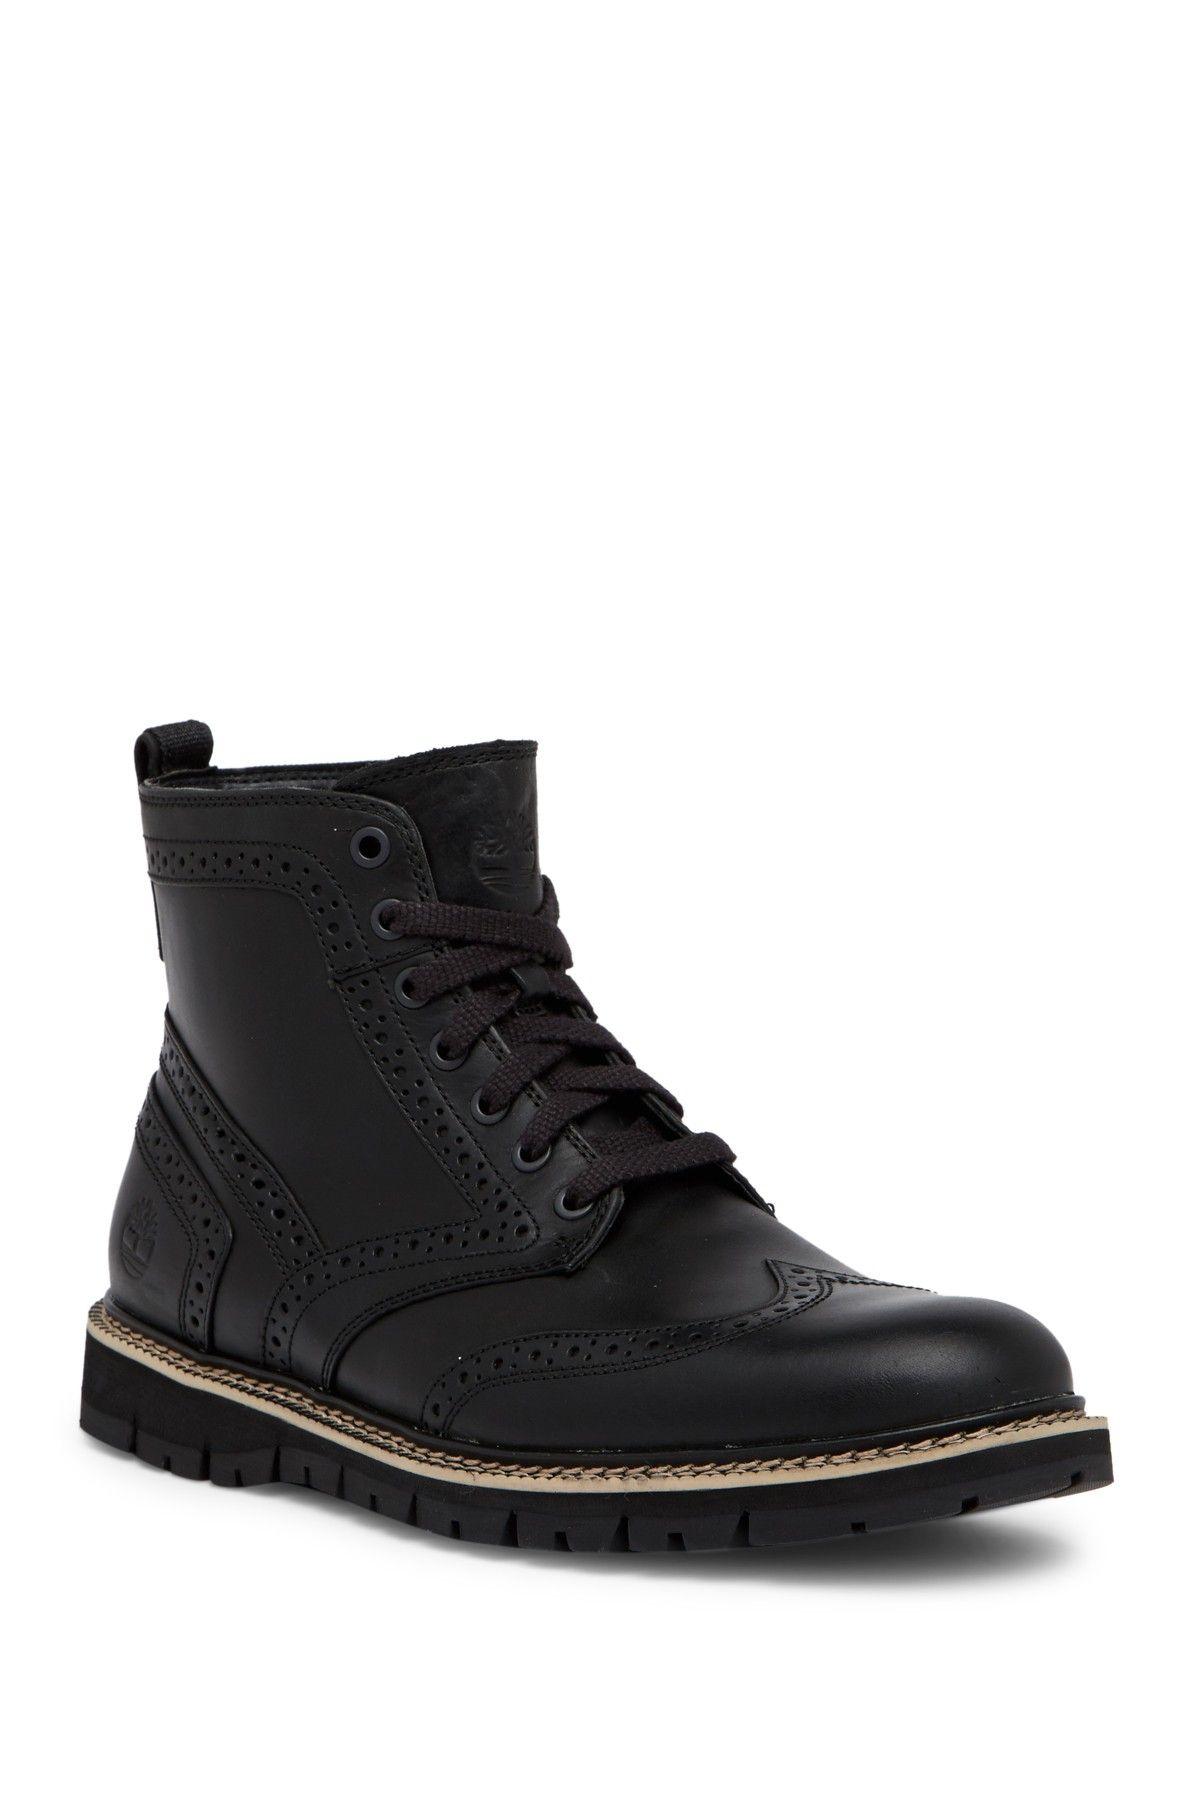 release date a3f3f 1cd0c Britton Hill Wingtip Boot